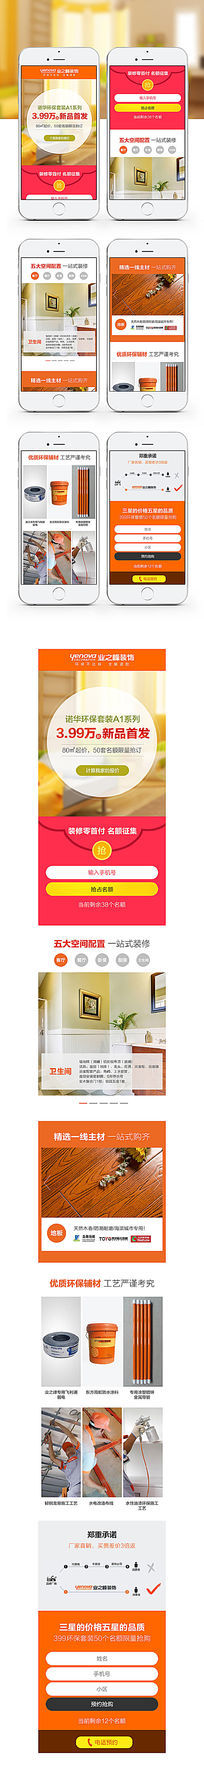 装修公司手机端促销页面设计